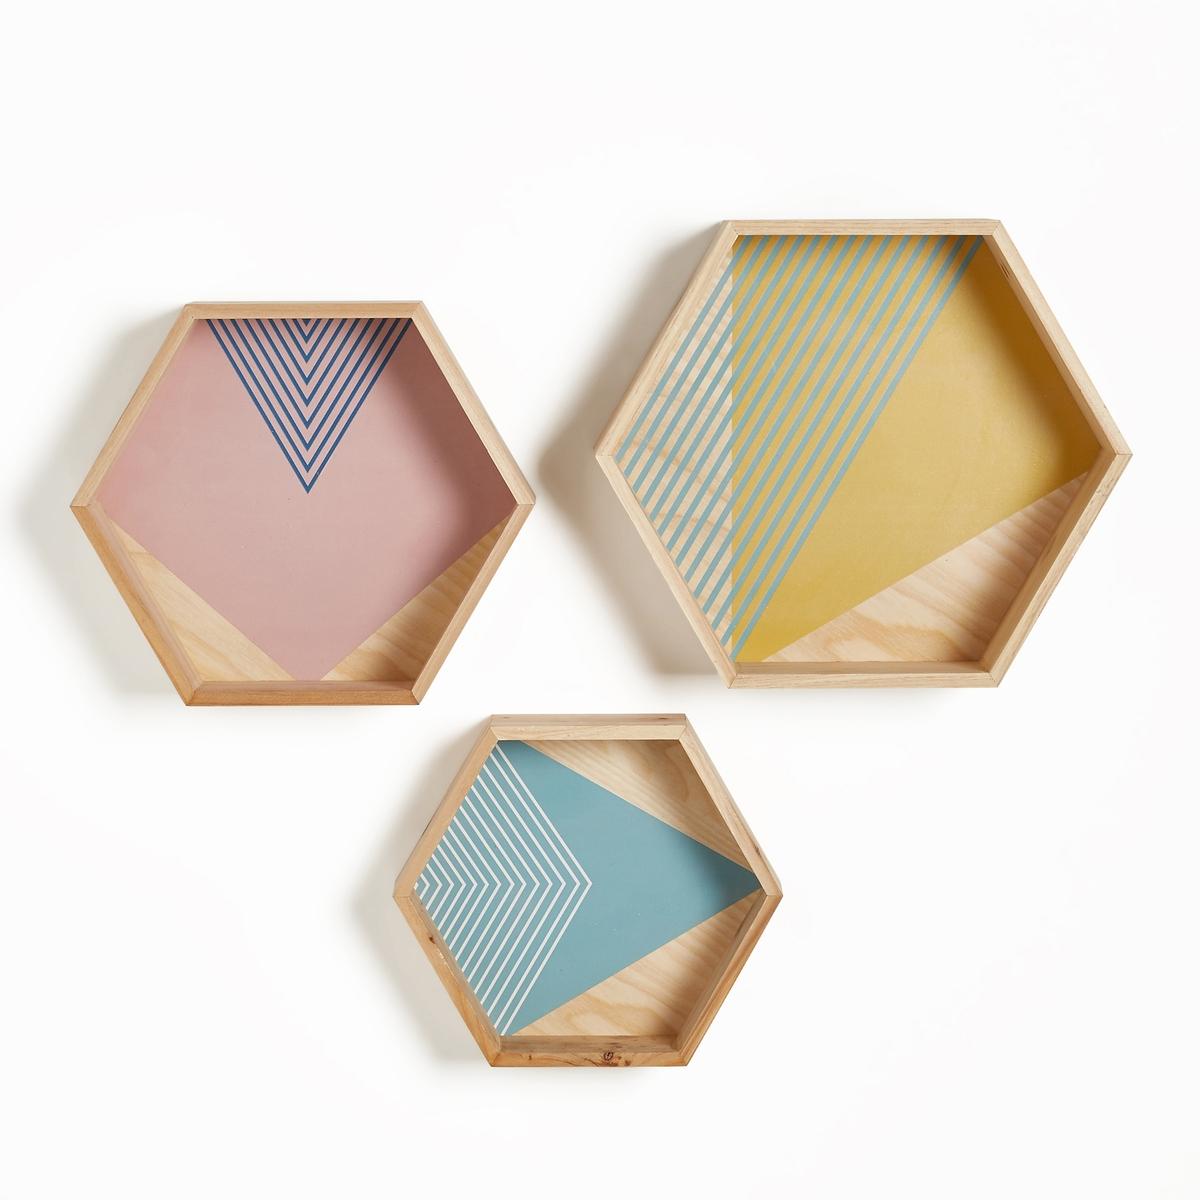 Комплект из 3 настенных стеллажей из дерева, EXAGOКомплект из 3 настенных стеллажей из сосны, Exago. Отличные стеллажи подчеркнут ваш декор, шестигранная форма и геометрический рисунок в духе современной моды.   Характеристики 3 настенных стеллажей из сосны, Exago :Каркас из сосны с цветным геометрическим рисункомЗадняя поверхность из МДФ средней толщиныПланки для крепления на стену.- Винты и дюбели продаются отдельно.Макс. вес стеллажа 1 кгРазмеры 3 настенных стеллажей из сосны, Exago  :Модель 1 : Ш.27,1 x Г.8,3 x В.23,5 смМодель 2 : Ш.31,8 x Г.9,9 x В.27,6 смМодель 3 : Ш.36,9 x Г.11,3, x В.32 см<br><br>Цвет: натуральный/разноцветный